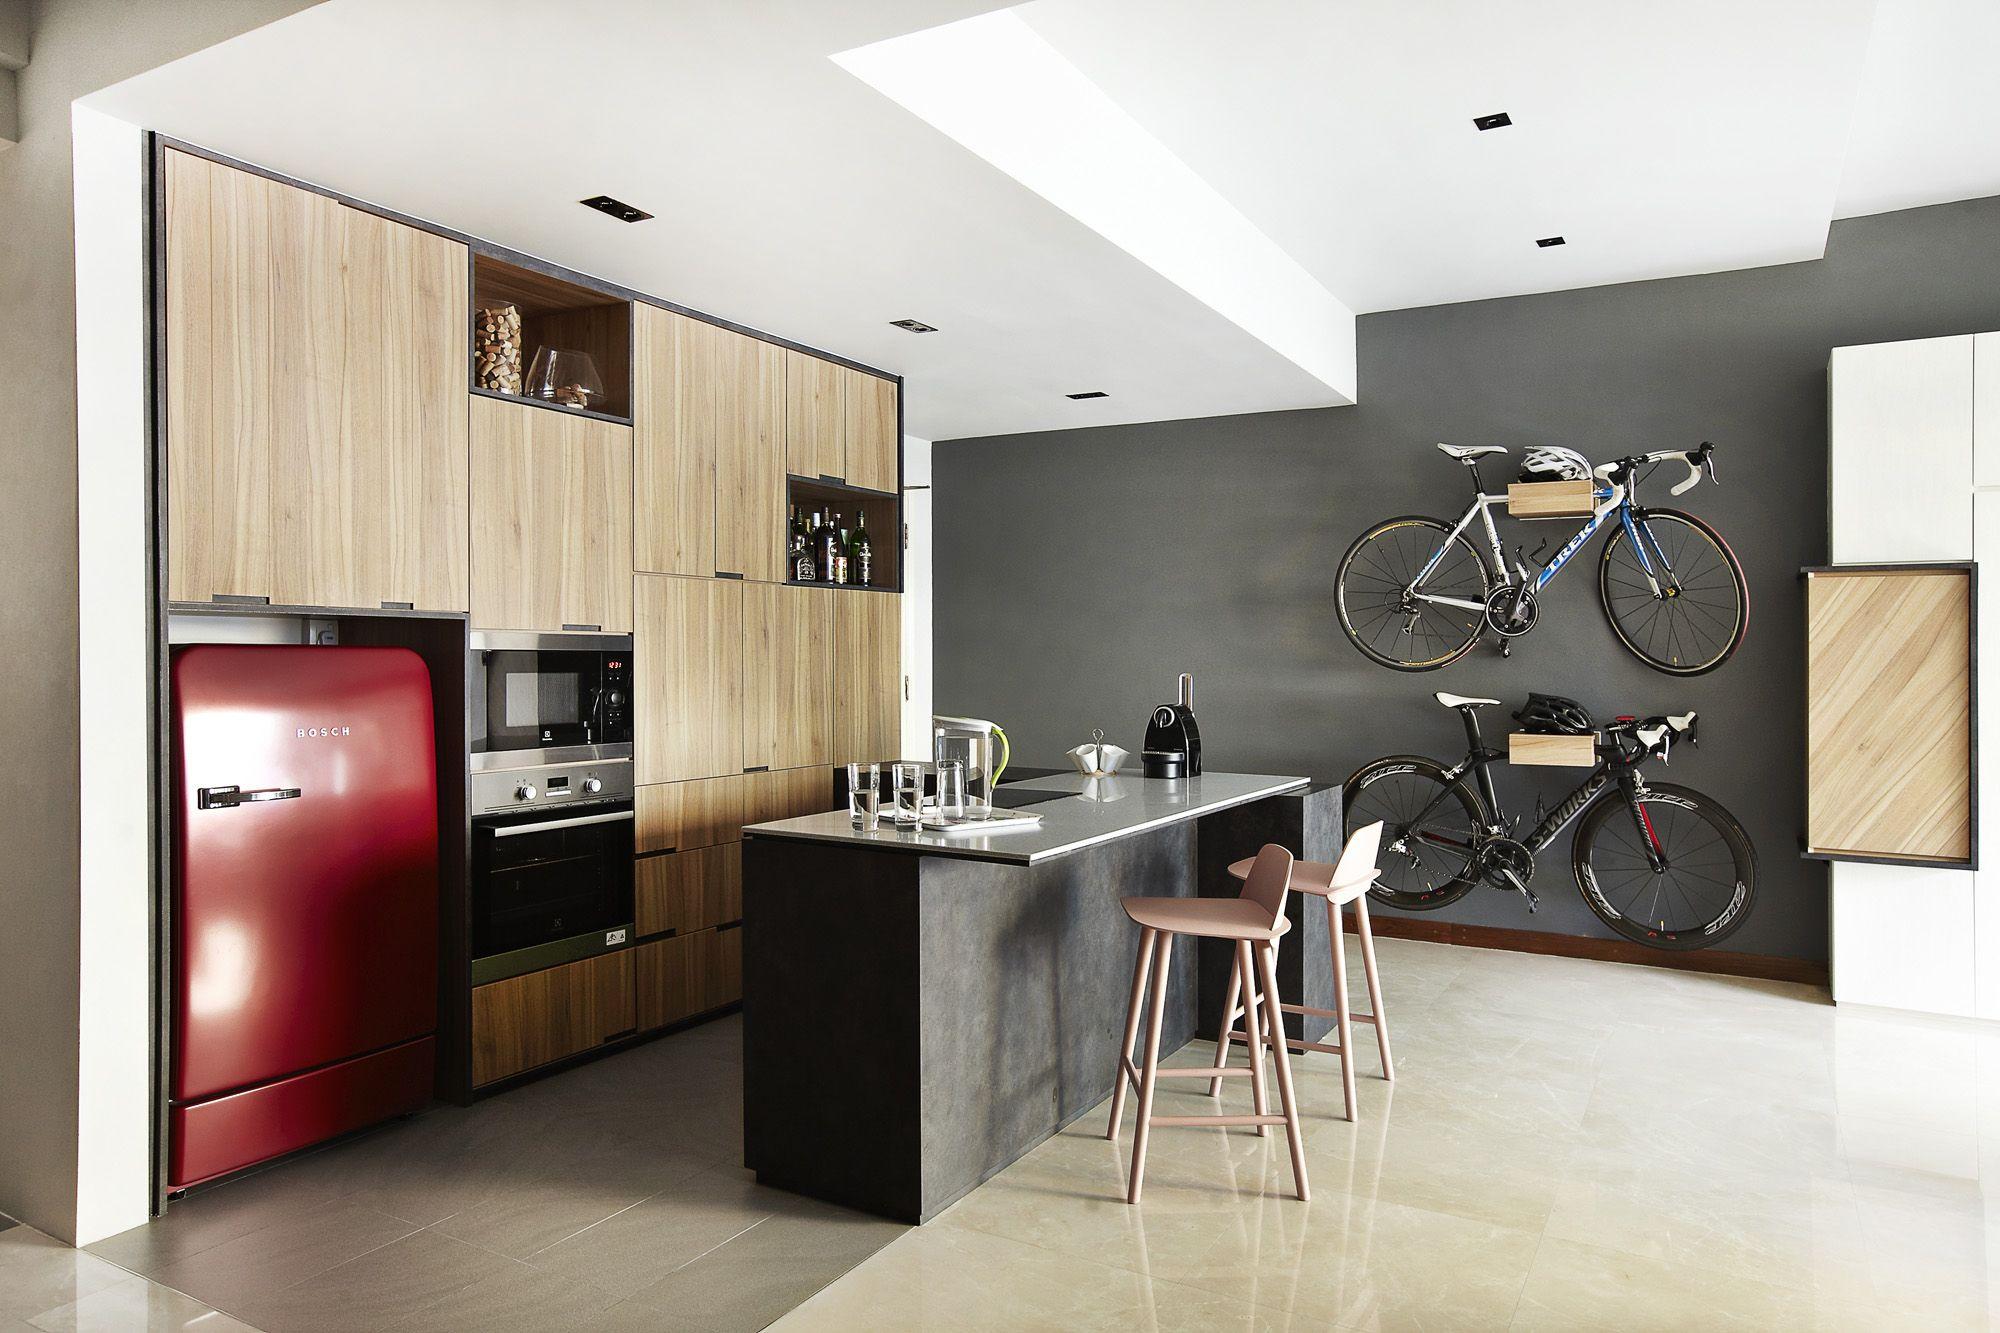 euro asia park dry kitchen area home decor singapore kitchen design on kitchen ideas singapore id=33068